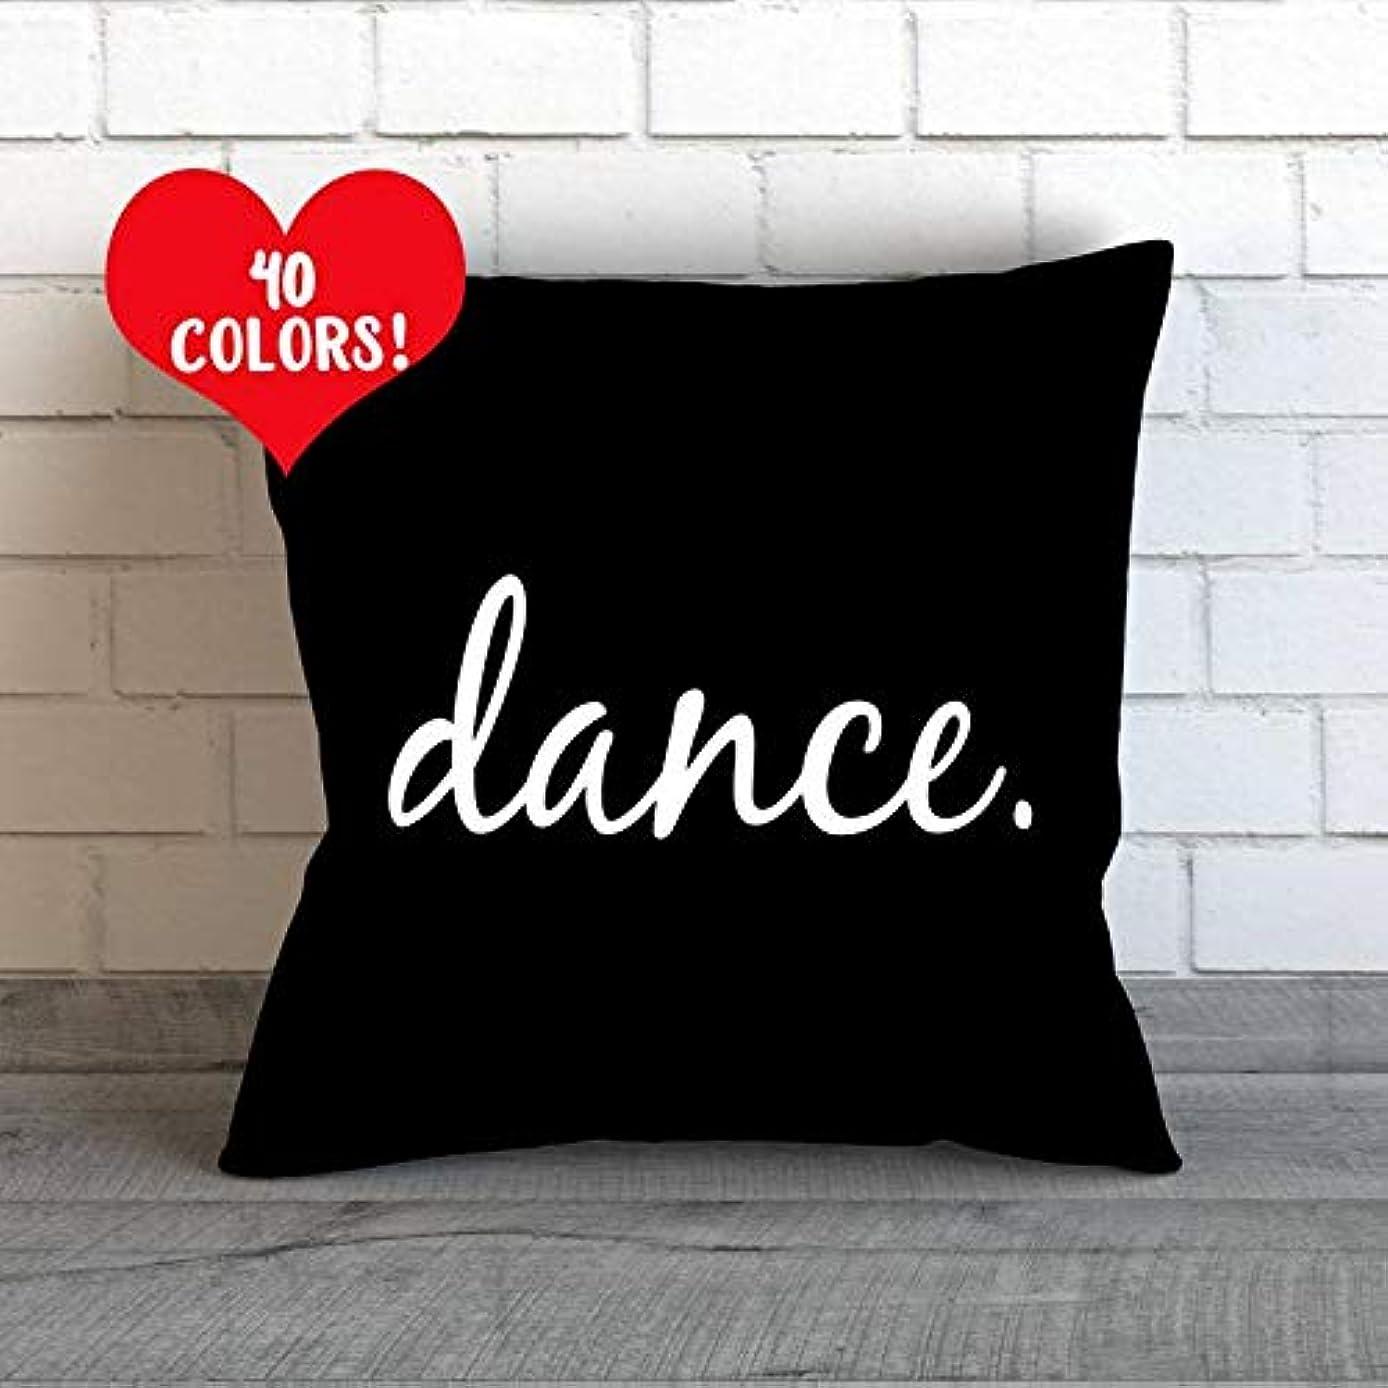 Dance Definition, Dance Quote, Dancer Prints, Dancer Quote, Dancer Pillow, Quotes for Dancers, Gifts for Dancers, Dancing Quotes, Dance